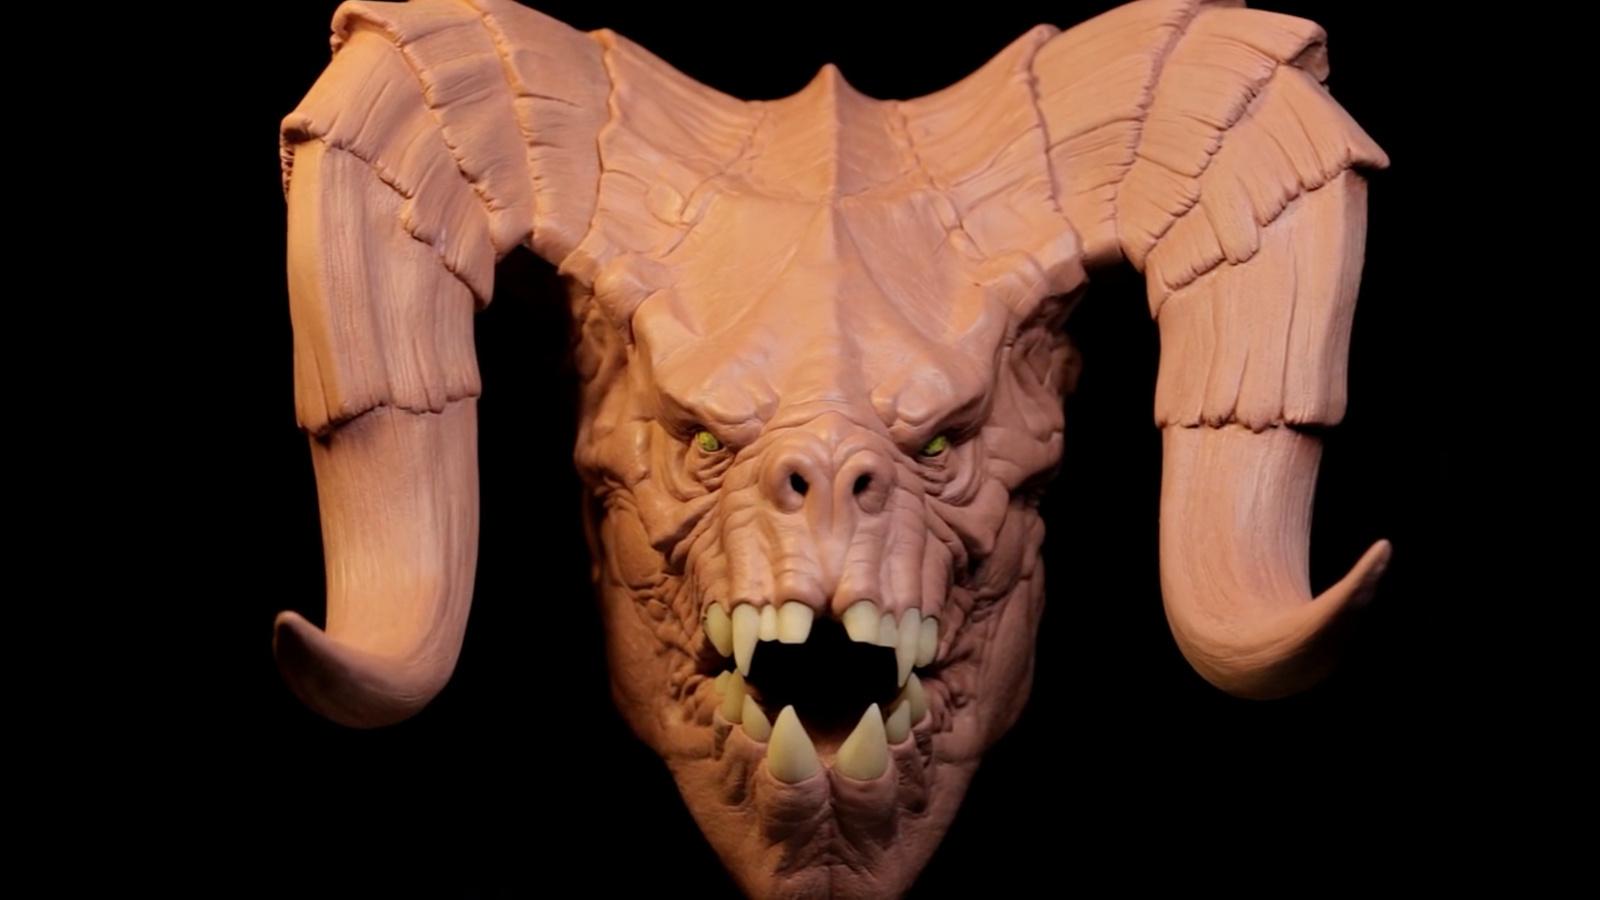 雕刻大師做了個死亡爪的粘土